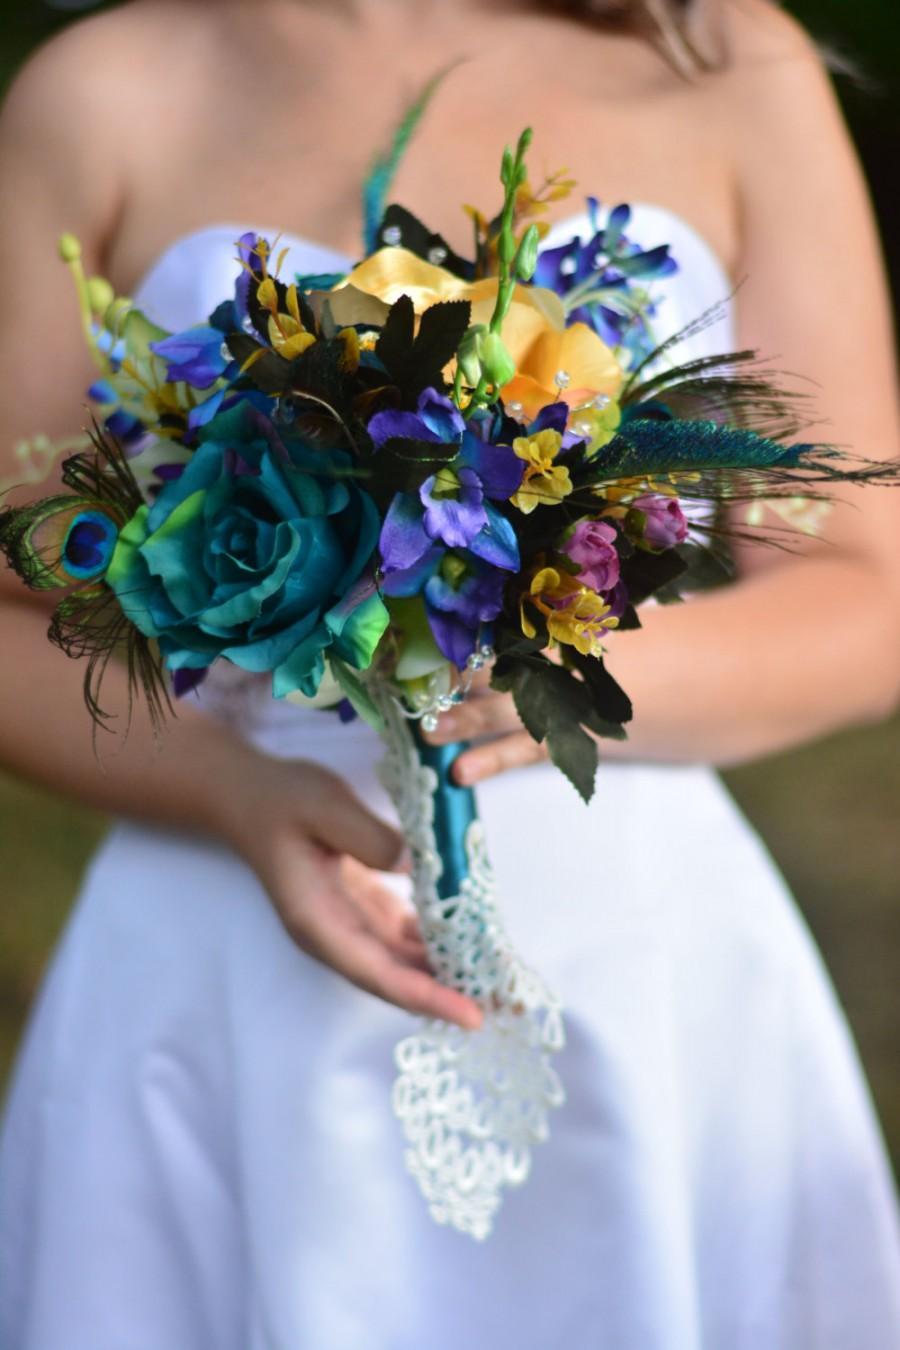 Свадьба - Peacock bouquet ~ Peacock wedding ~ Bridal bouquet ~ Peacock wedding flowers ~ Teal wedding ~ Teal bouquet ~ Feather wedding bouquet